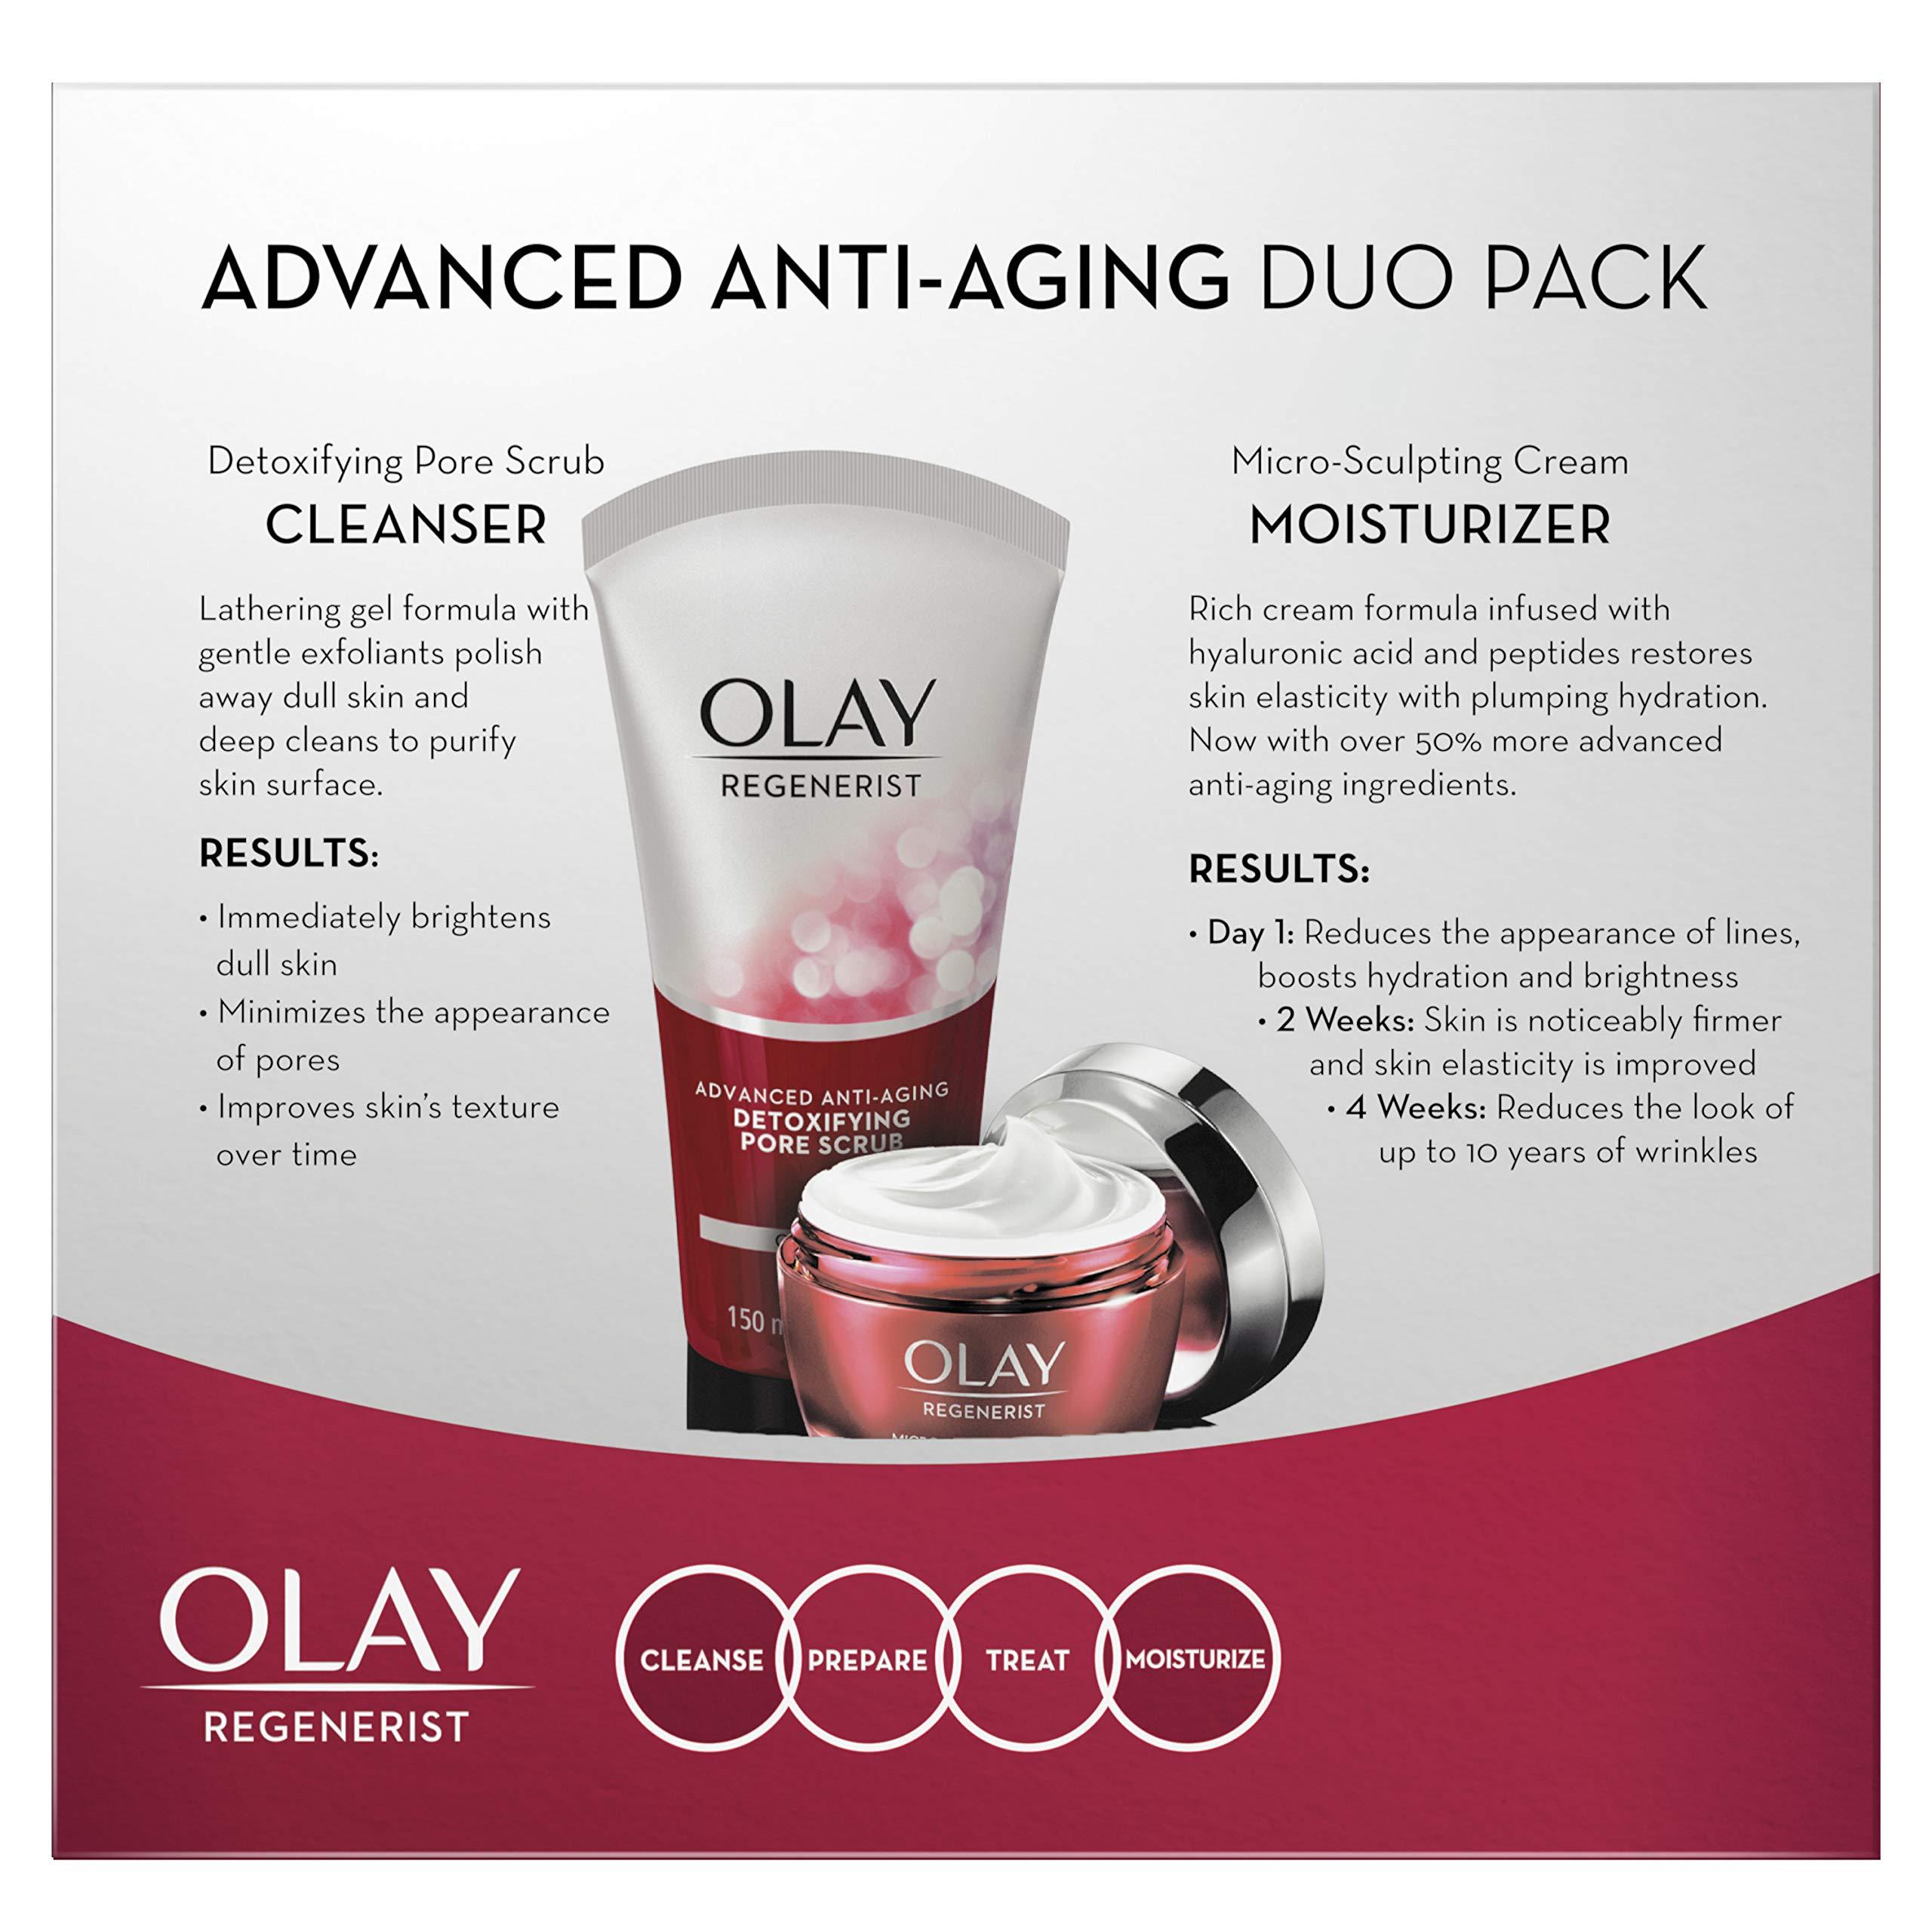 Advanced Anti-Aging Pore Scrub Cleanser